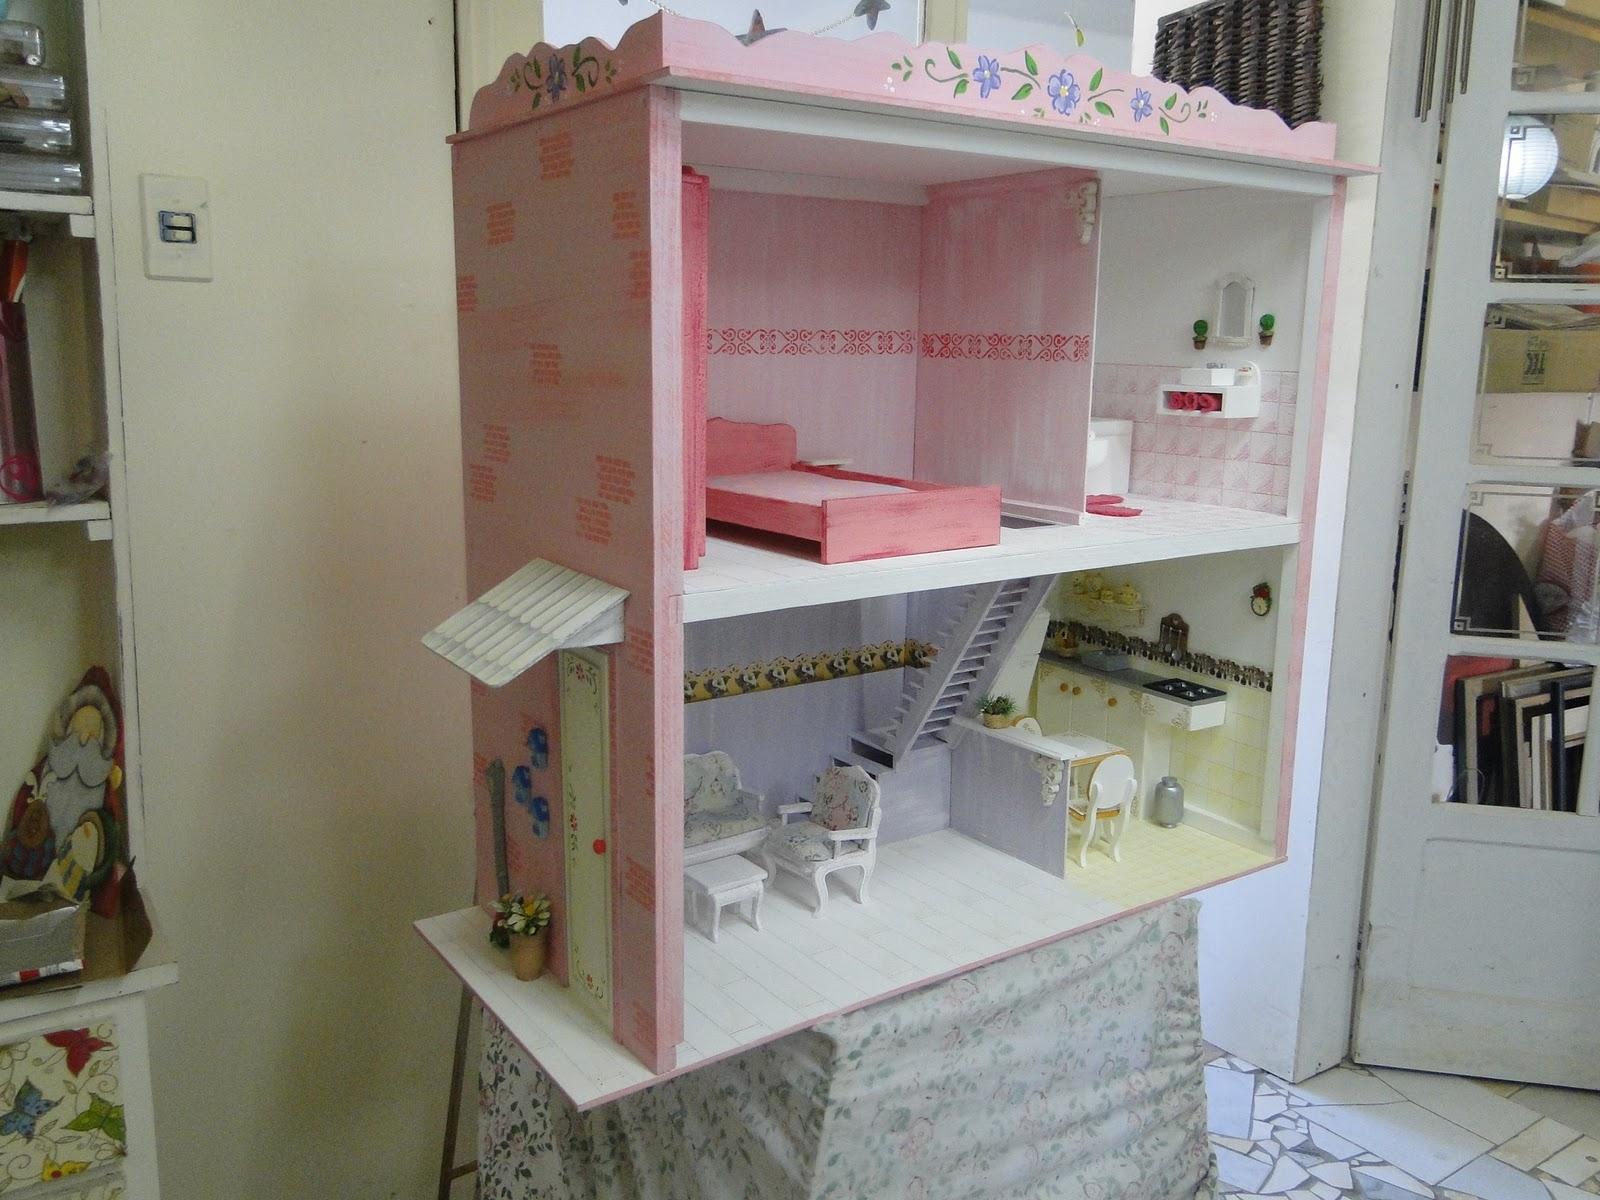 Casas e Casinhas Home Store: Casa de Bonecas Barbie Modelo Grande #6E4B40 1600x1200 Banheiro Da Barbie De Papelão